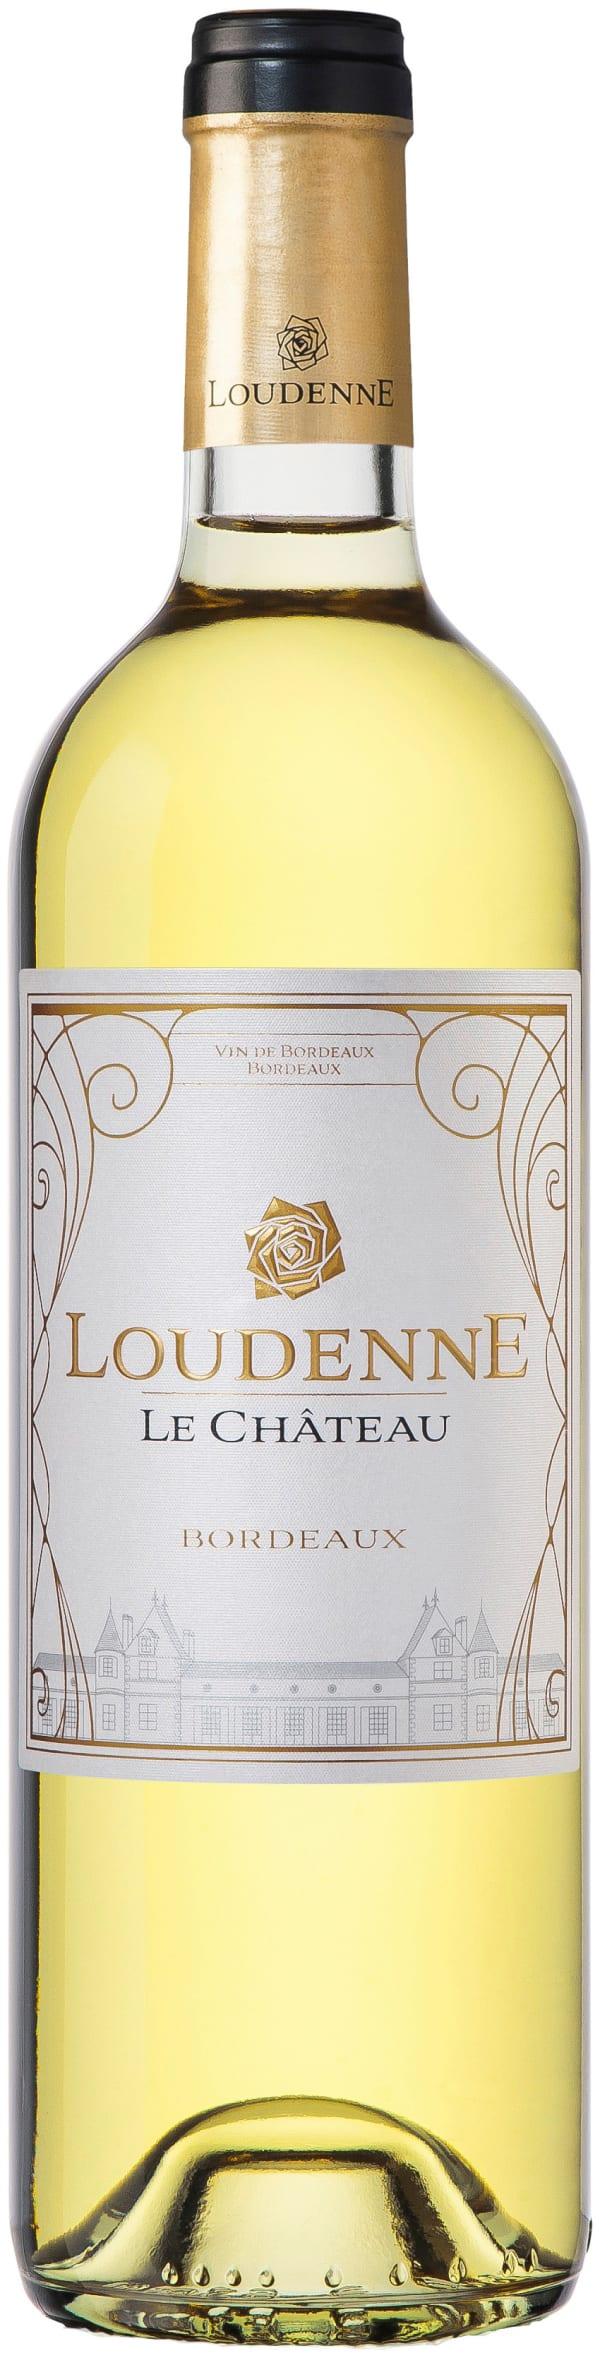 Chateau Loudenne Blanc 2014